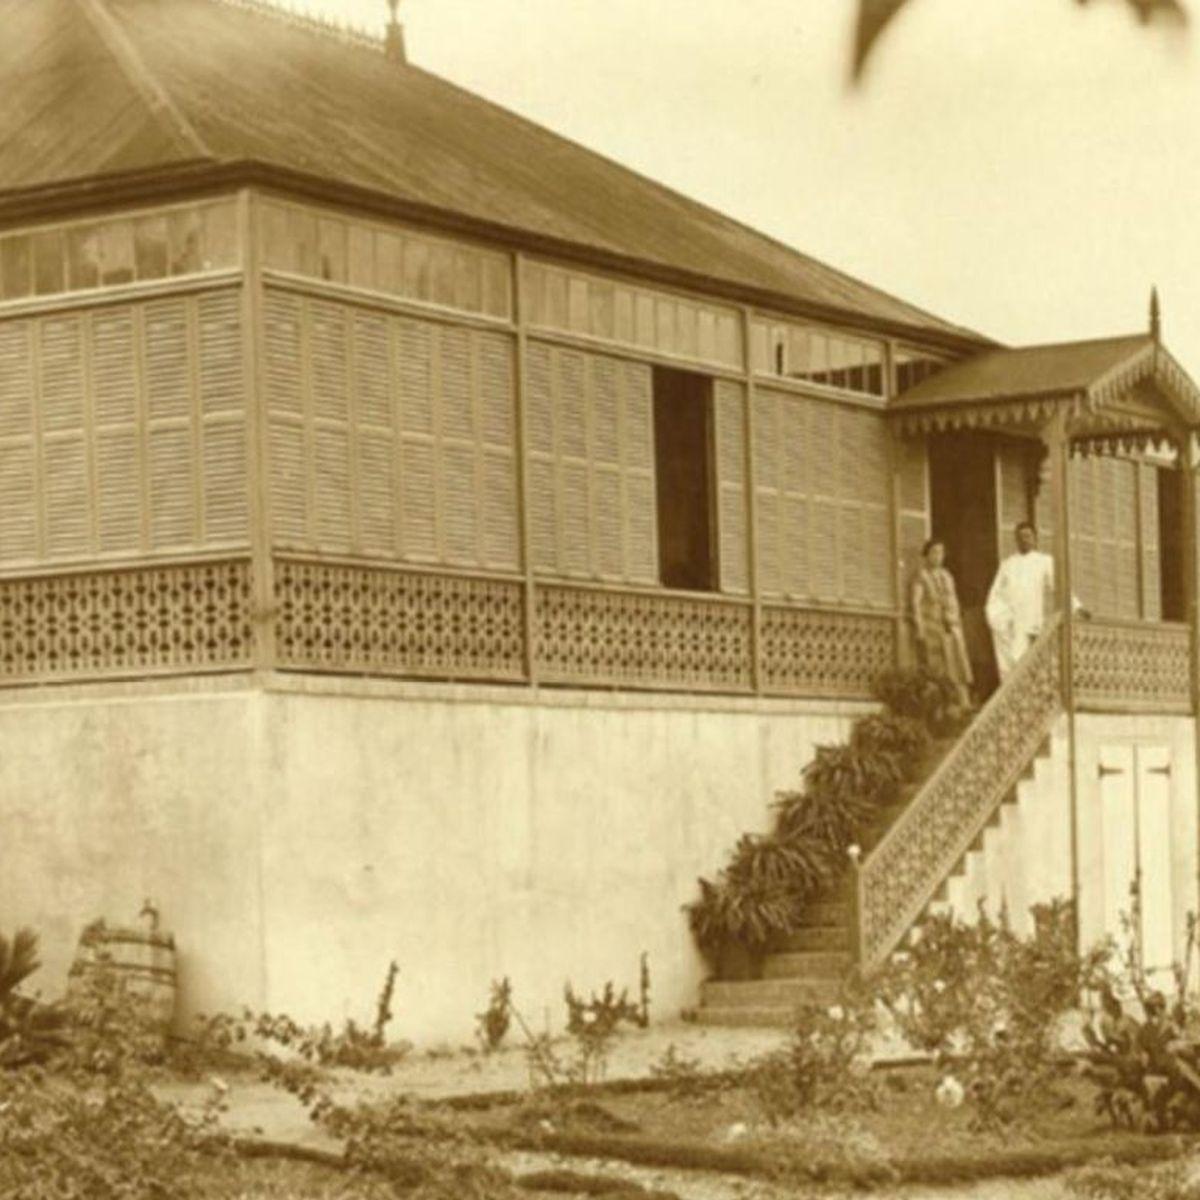 La Maison De L Amiraute Achetee Aux Encheres Par La Province Sud